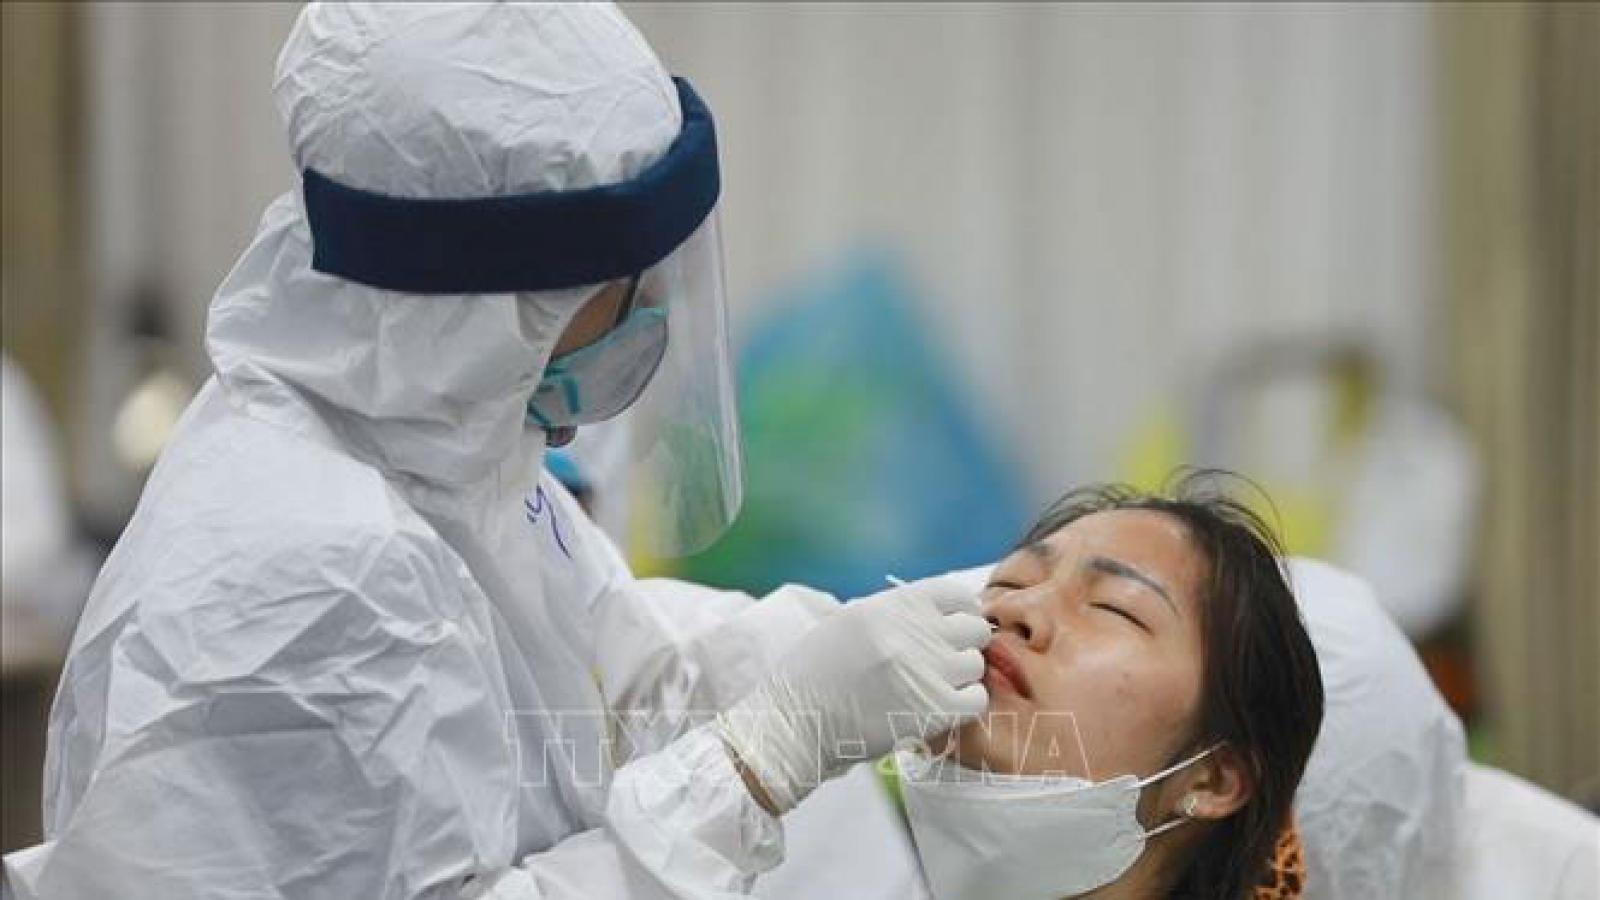 Bắc Ninh rà soát, xét nghiệm các trường hợp liên quan KCN ở Bắc Giang